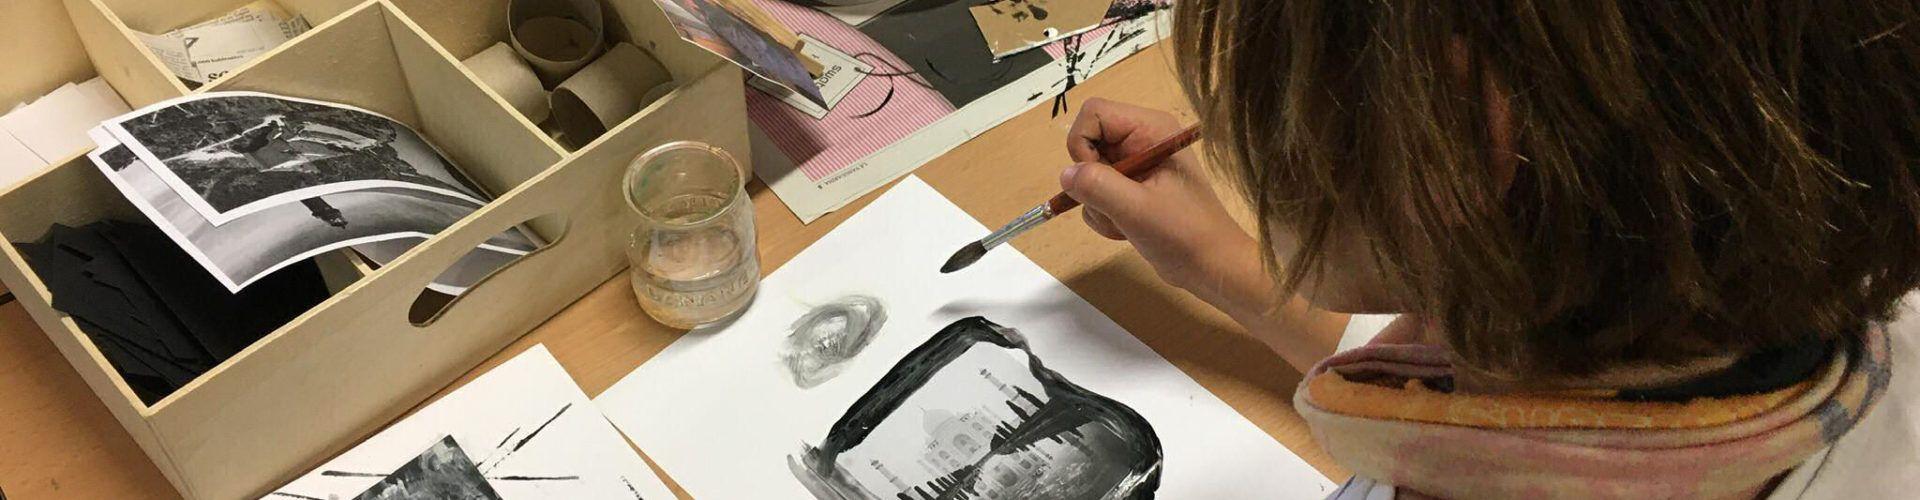 L'Escola Sant Llàtzer participa en 'Compartim espais de creació i diàleg artístic', amb l'Escola d'Art de la Diputació a Tortosa